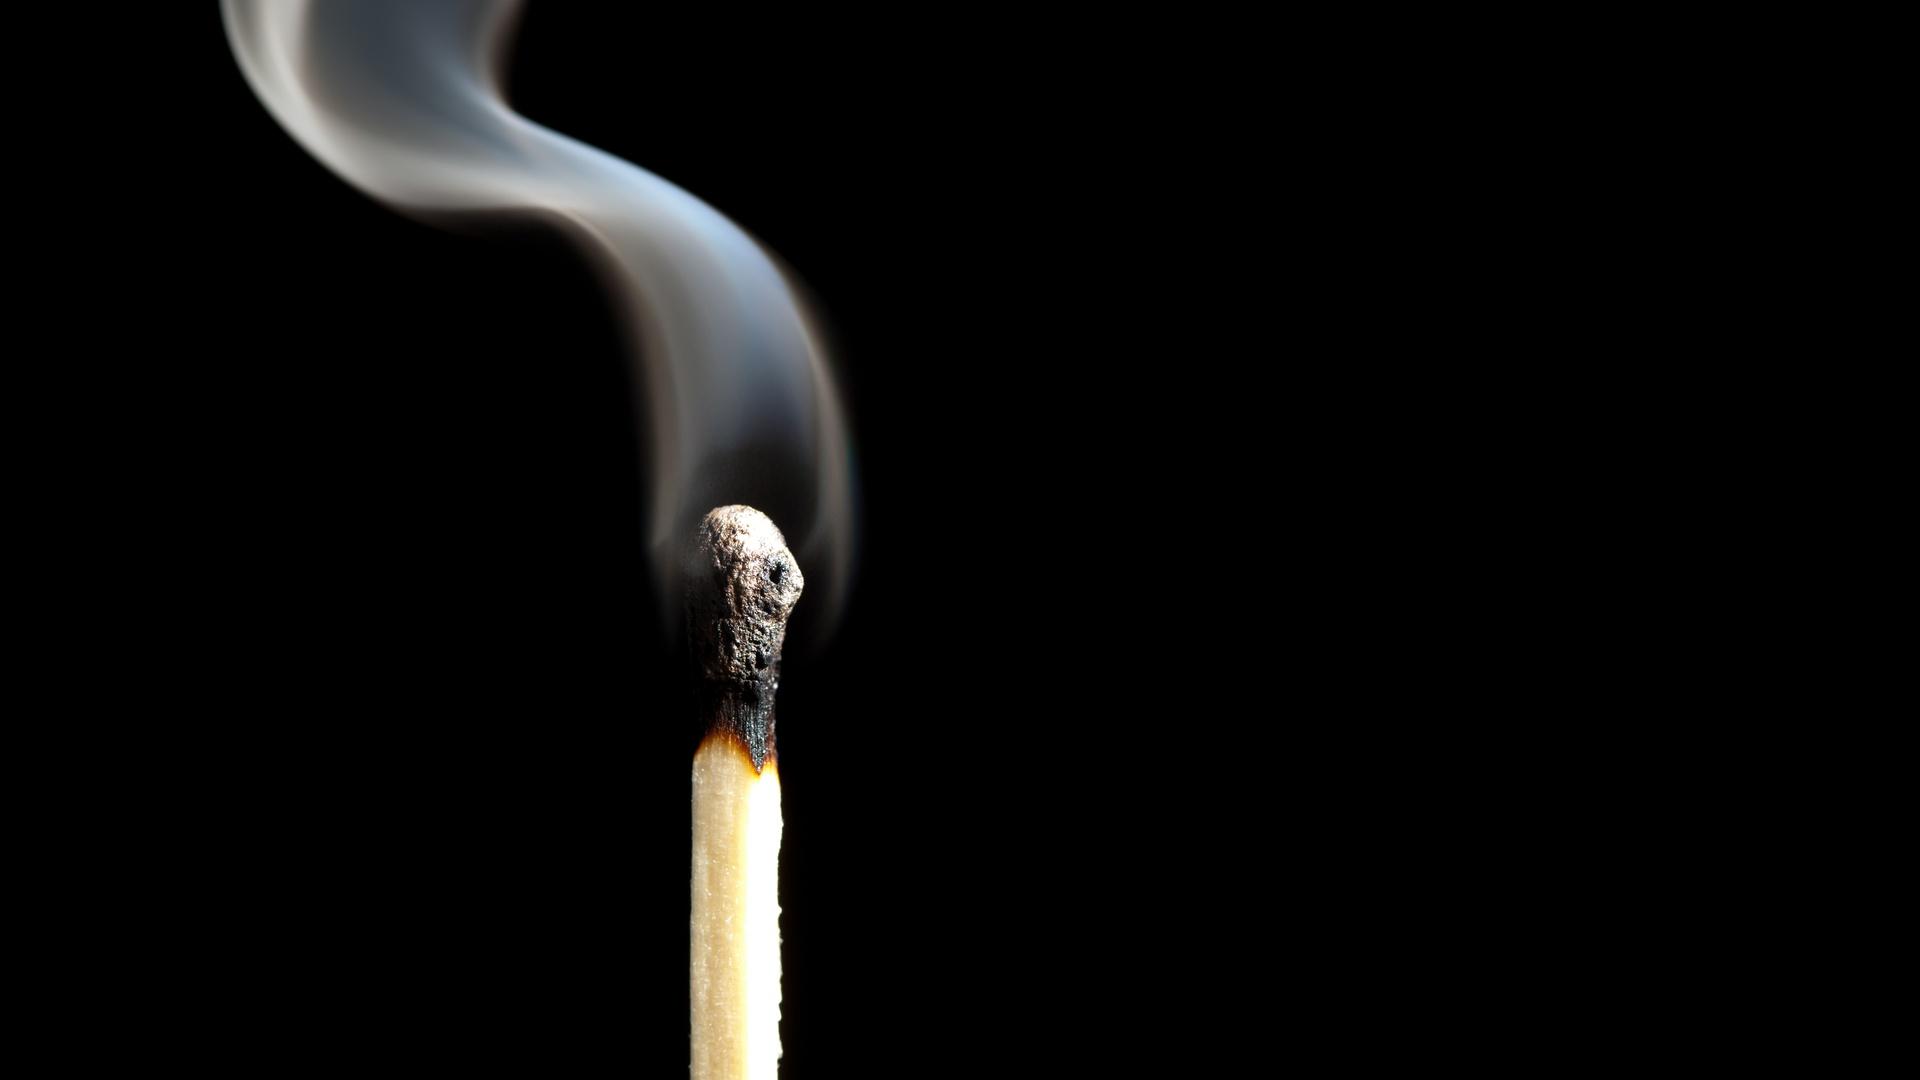 Фото Спички дымит вблизи Черный фон Дым на черном фоне Крупным планом